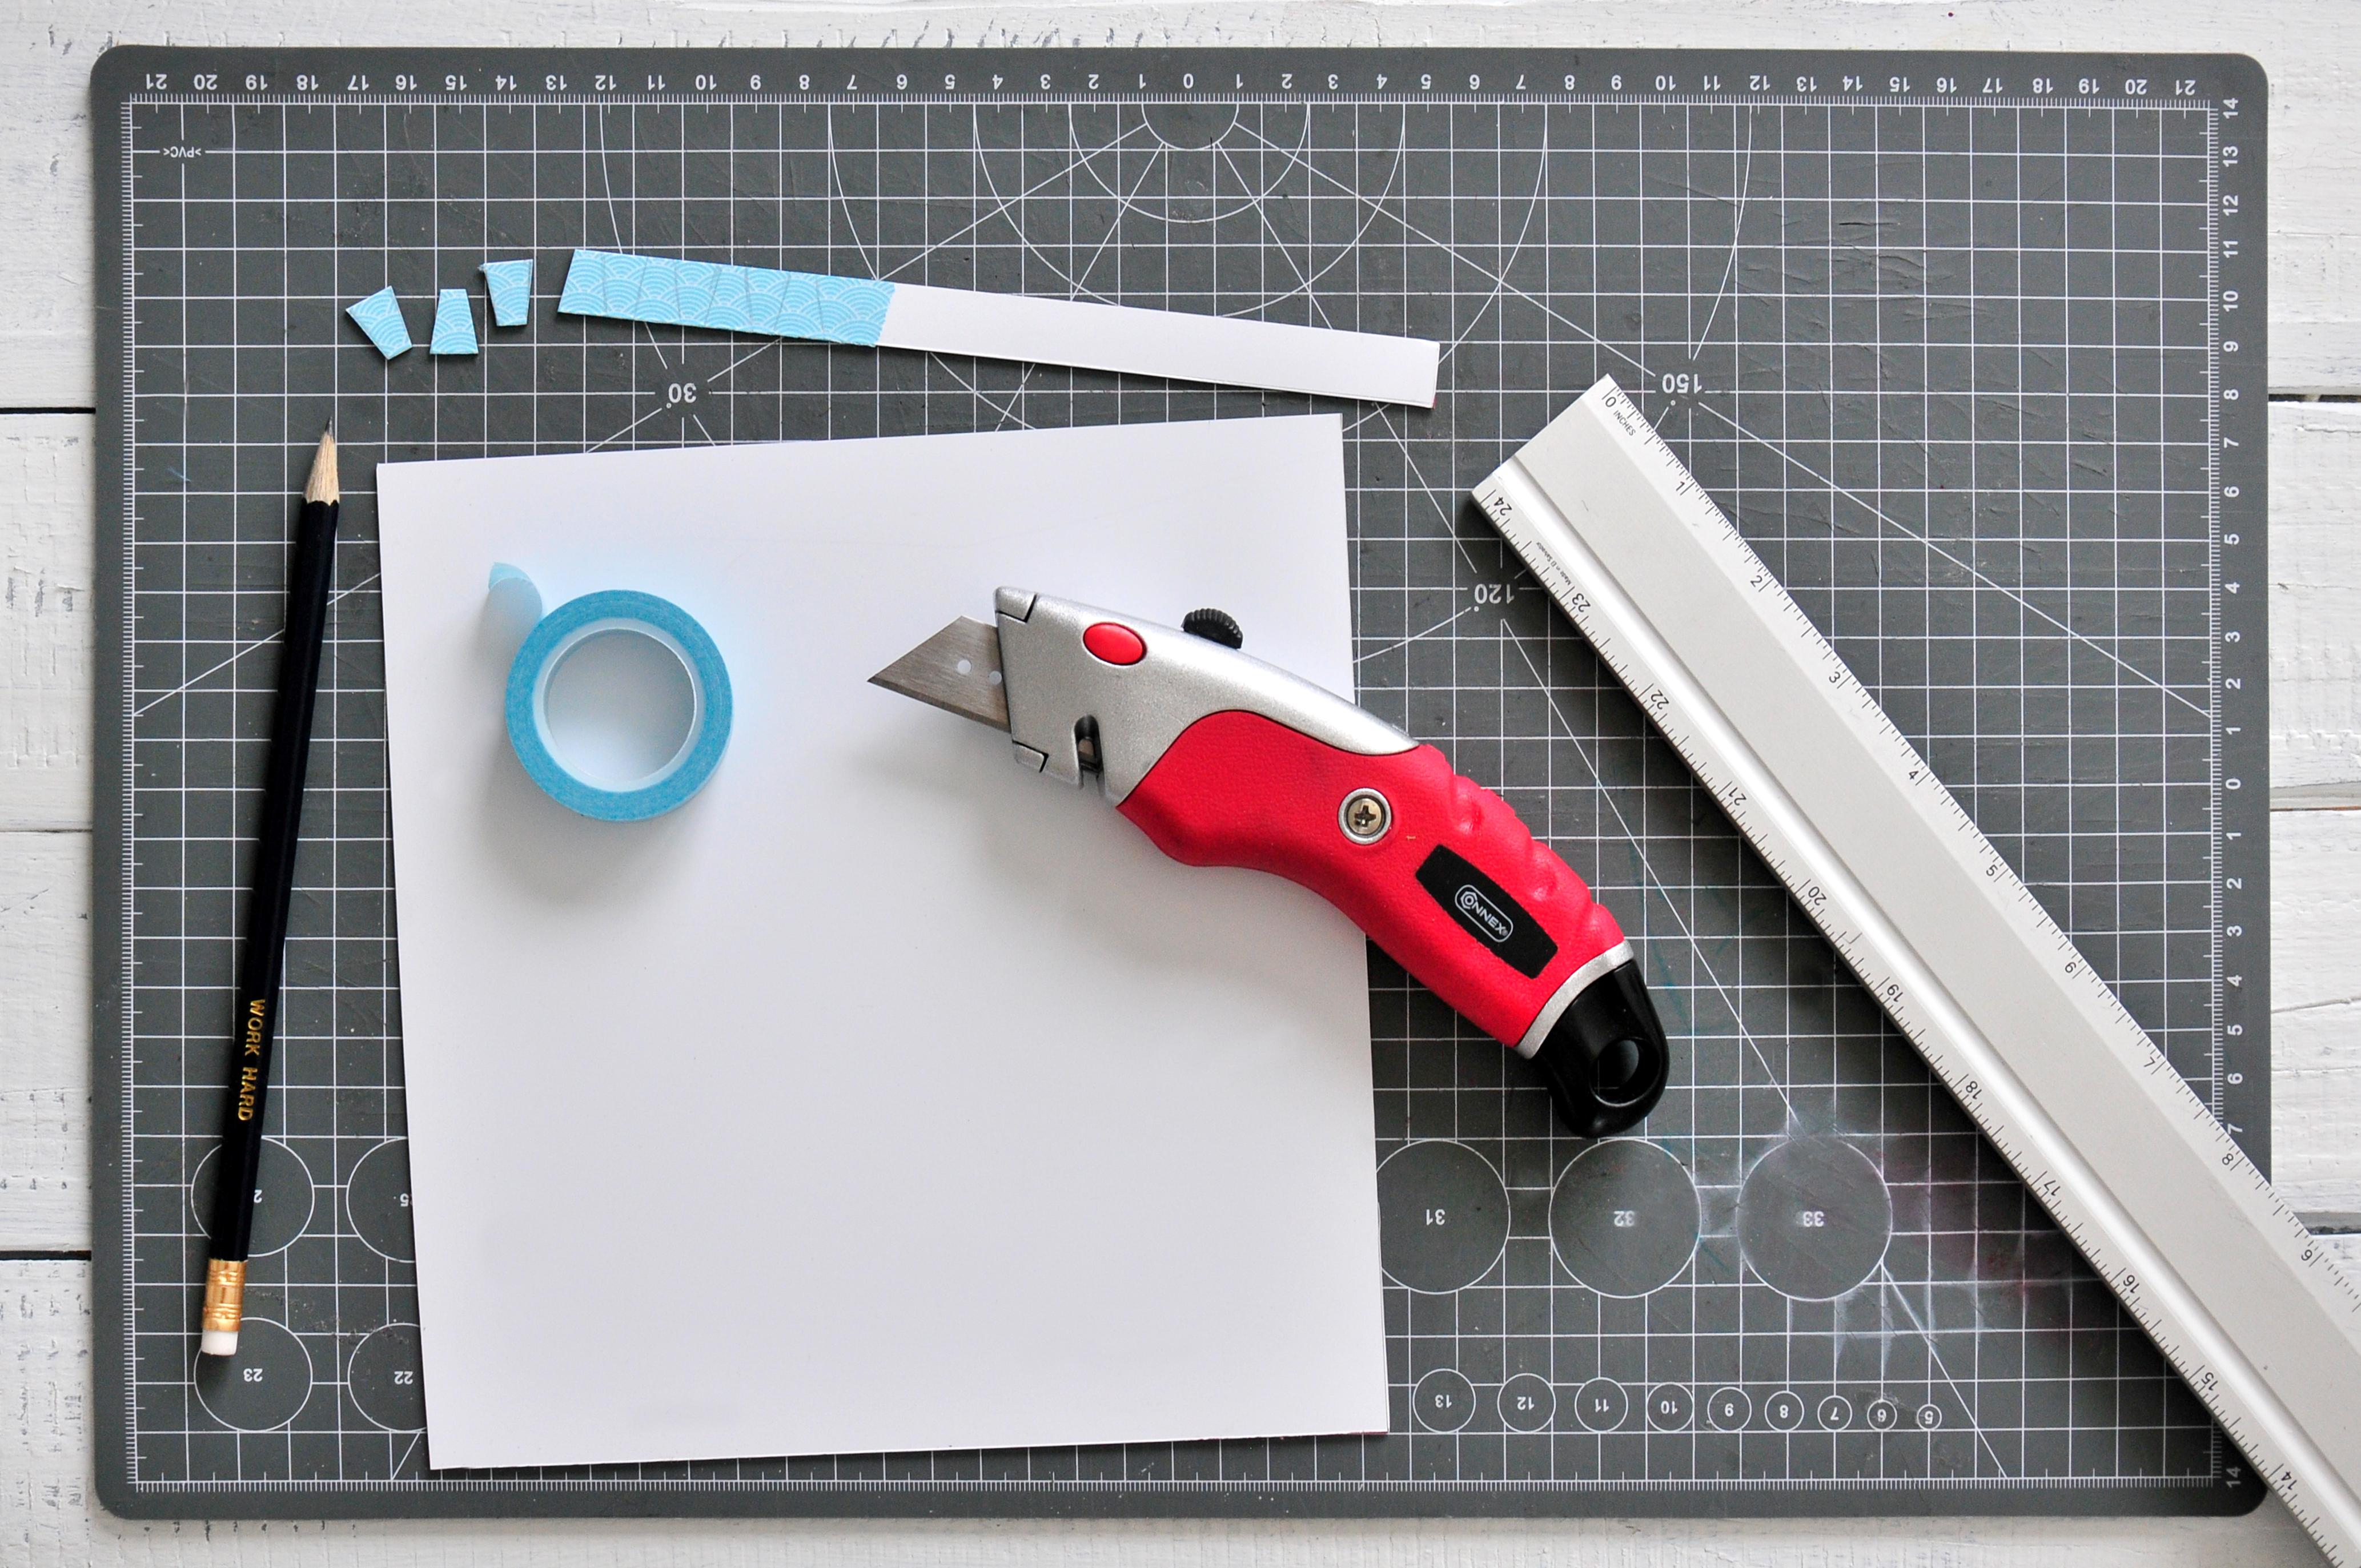 Kühlschrank Einkaufsliste Magnet : Diy multitasking klemmbrett mit haushaltsplan küche&co